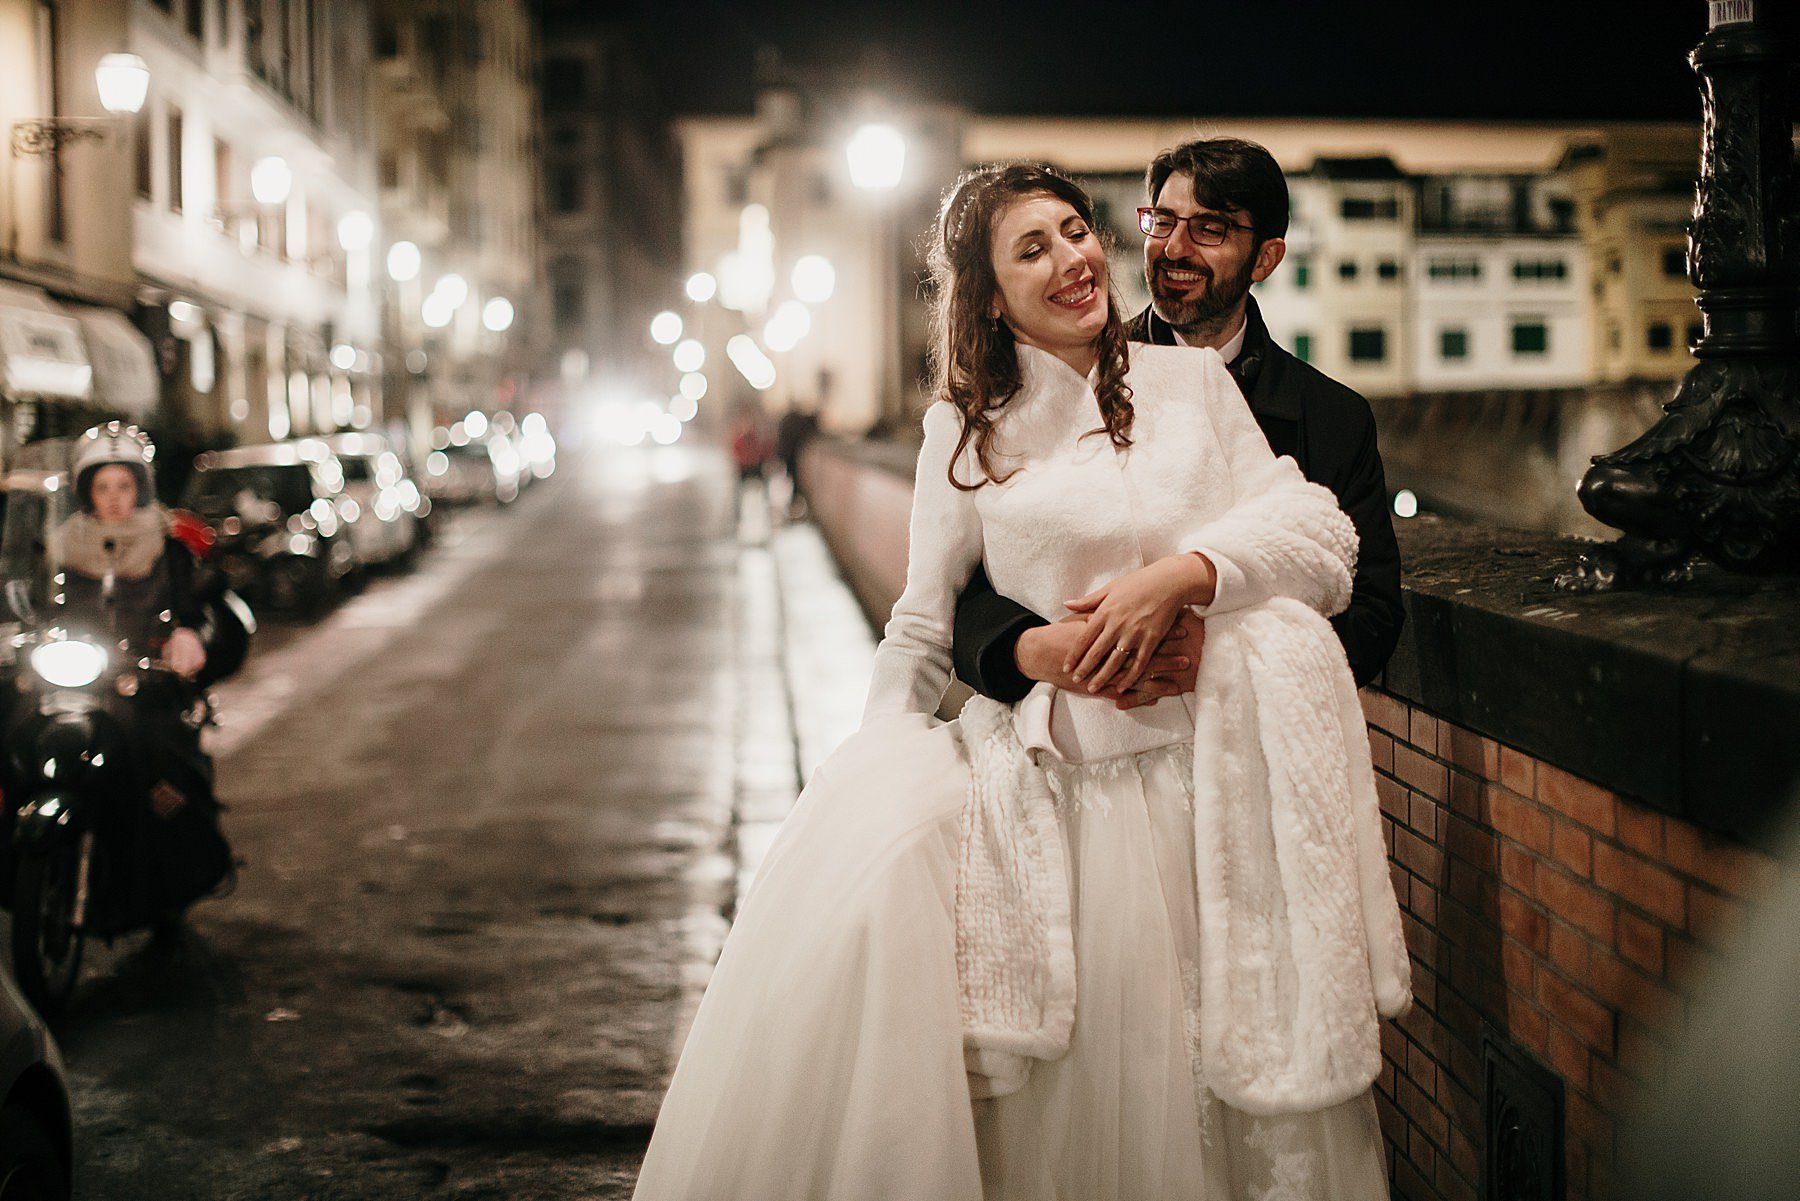 fotografia di matrimonio a firenze in inverno 778